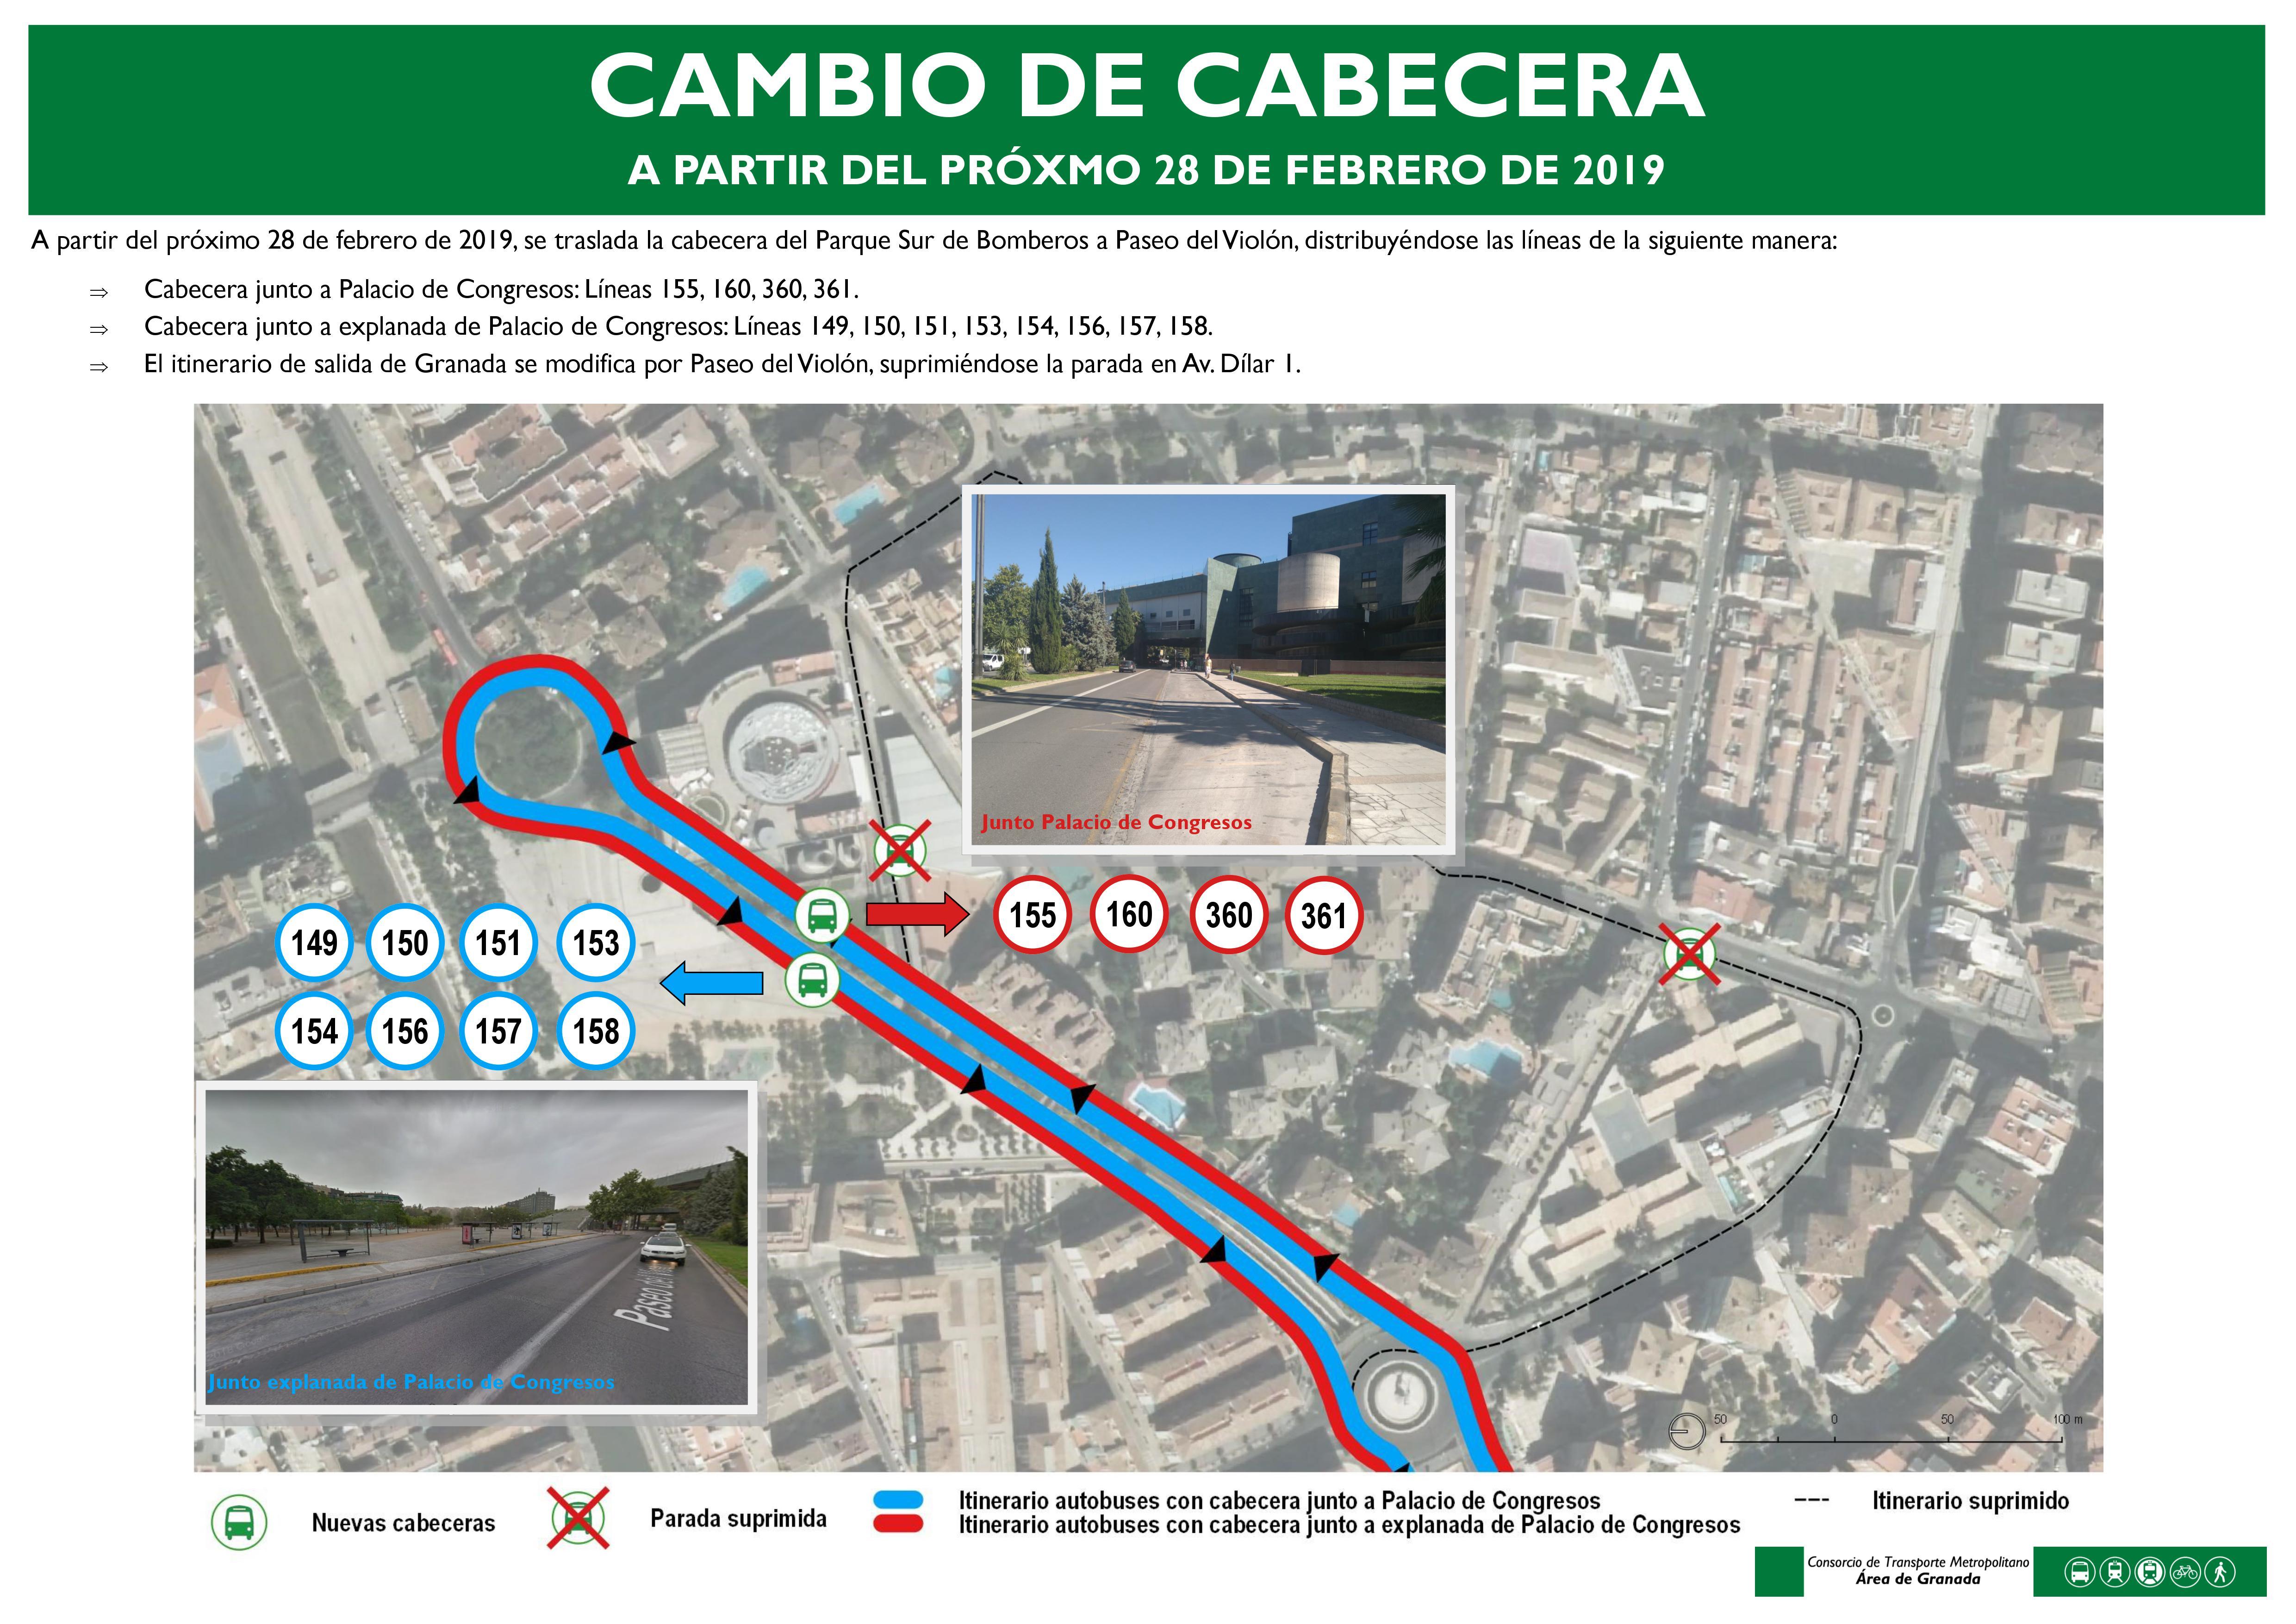 Traslado de cabecera en Granada de varias líneas de autobuses